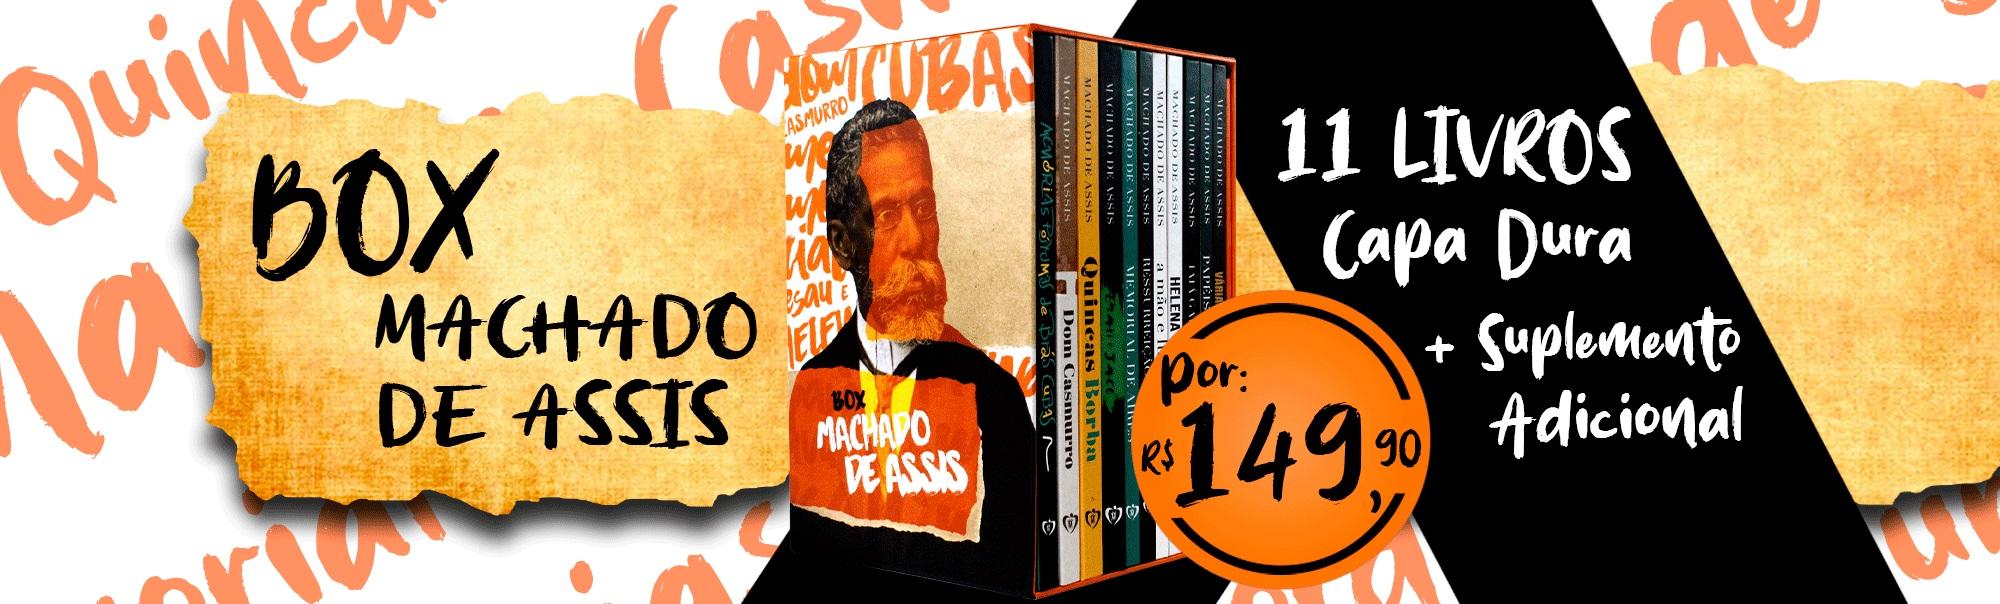 Box 11 Livros do Machado de Assis | Livraria Cristã Emmerick